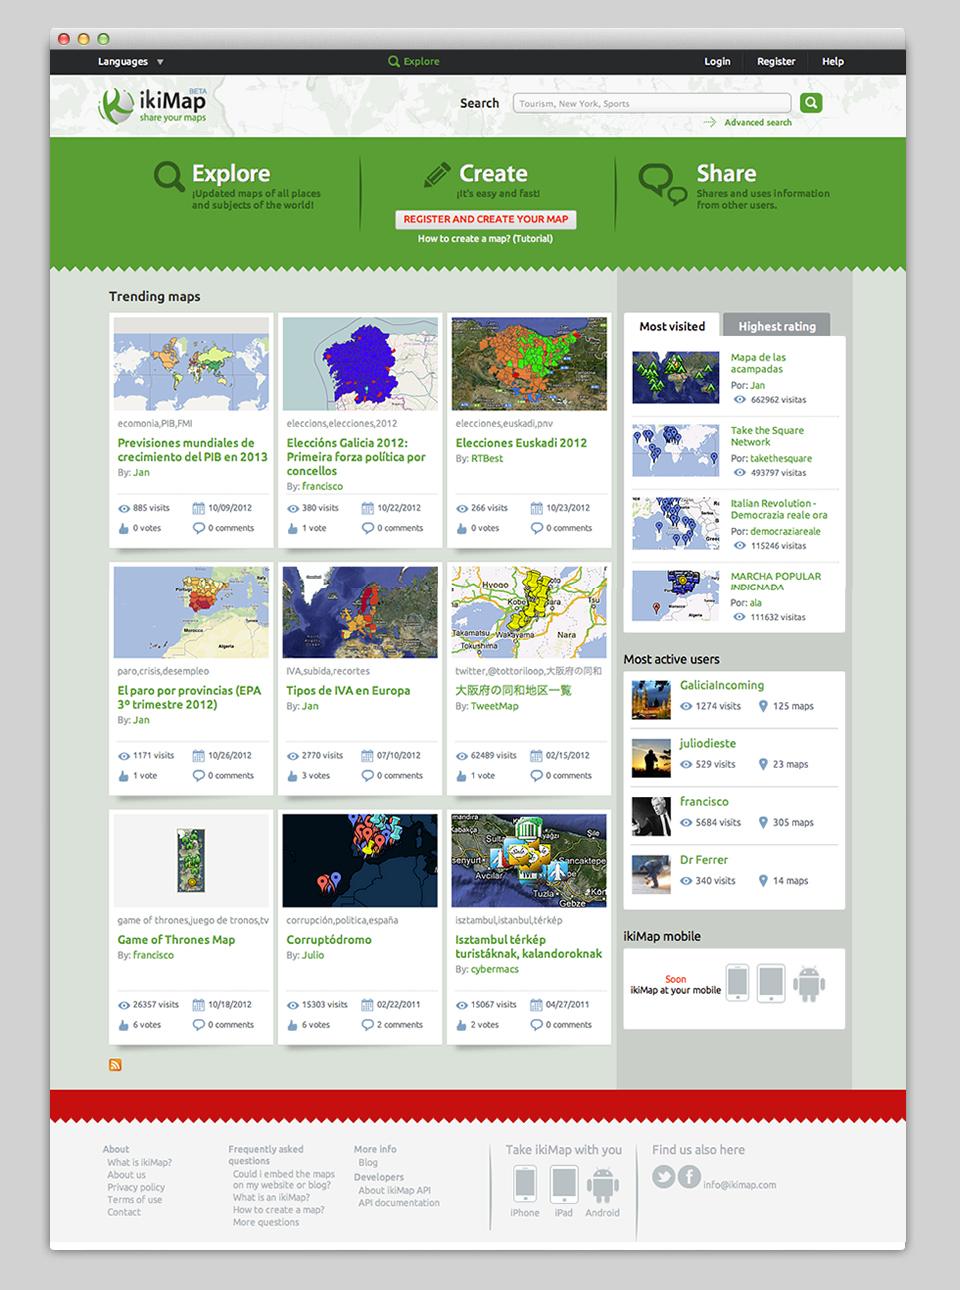 Se realiza un nuevo planteamiento de la portada, más interactivo, que invita a participar y compartir.